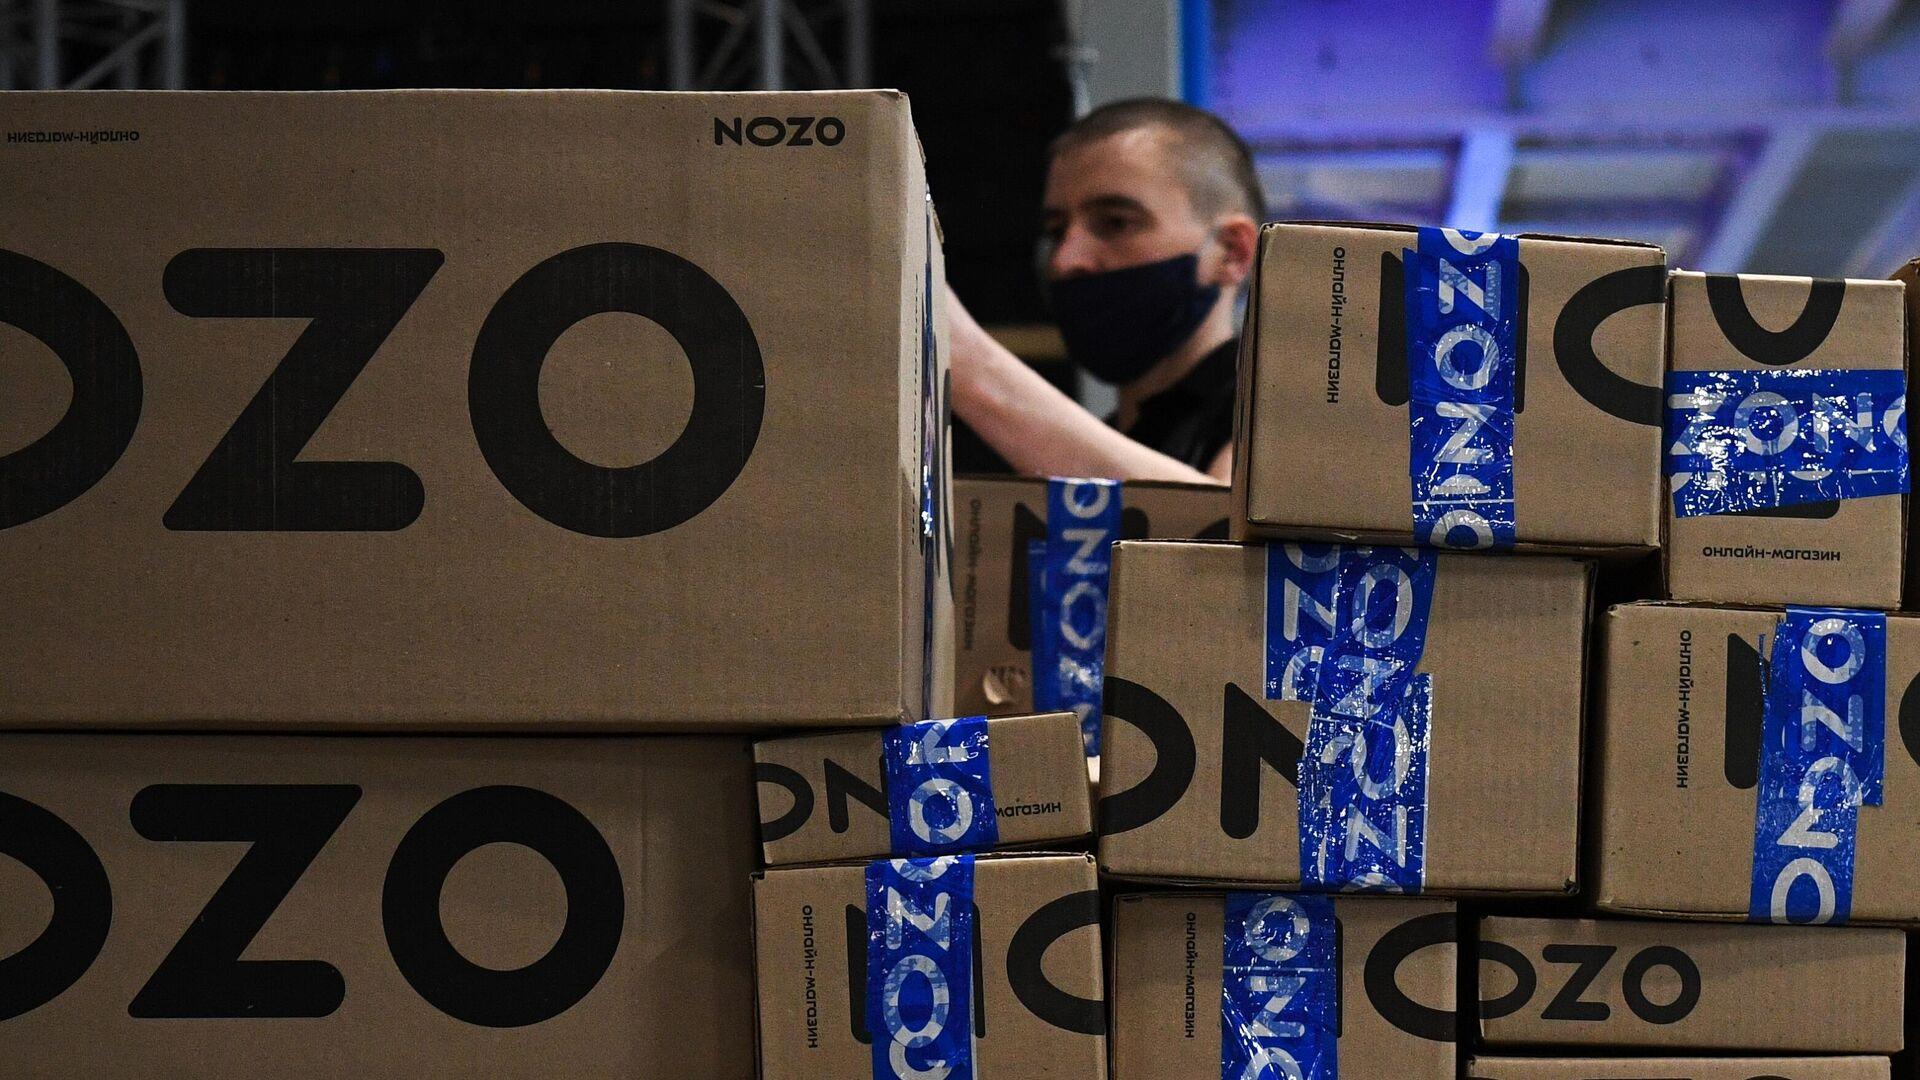 Сортировка интернет-заказов в логистическом центре Ozon - РИА Новости, 1920, 01.09.2021